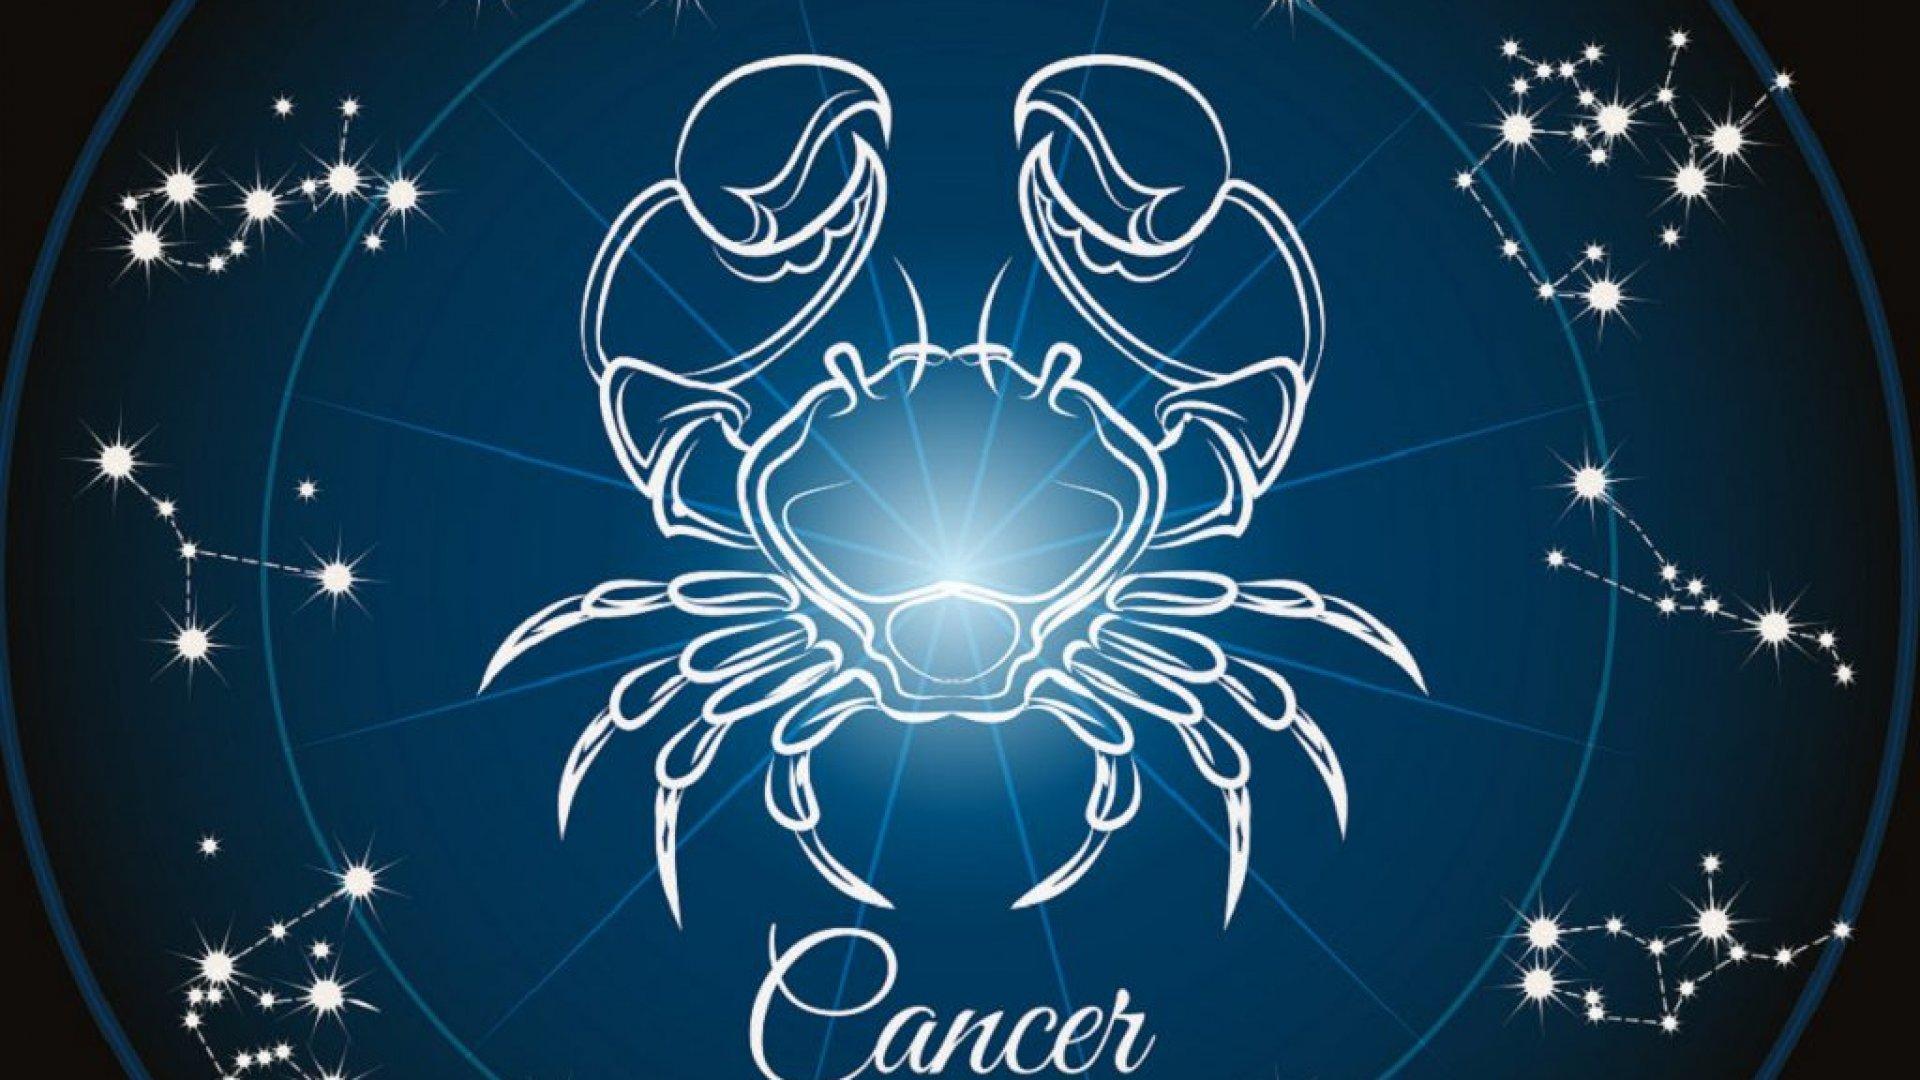 Horoscop zilnic: Horoscopul zilei de 30 decembrie 2020. Lună Plină în zodia Rac - Cancan.ro